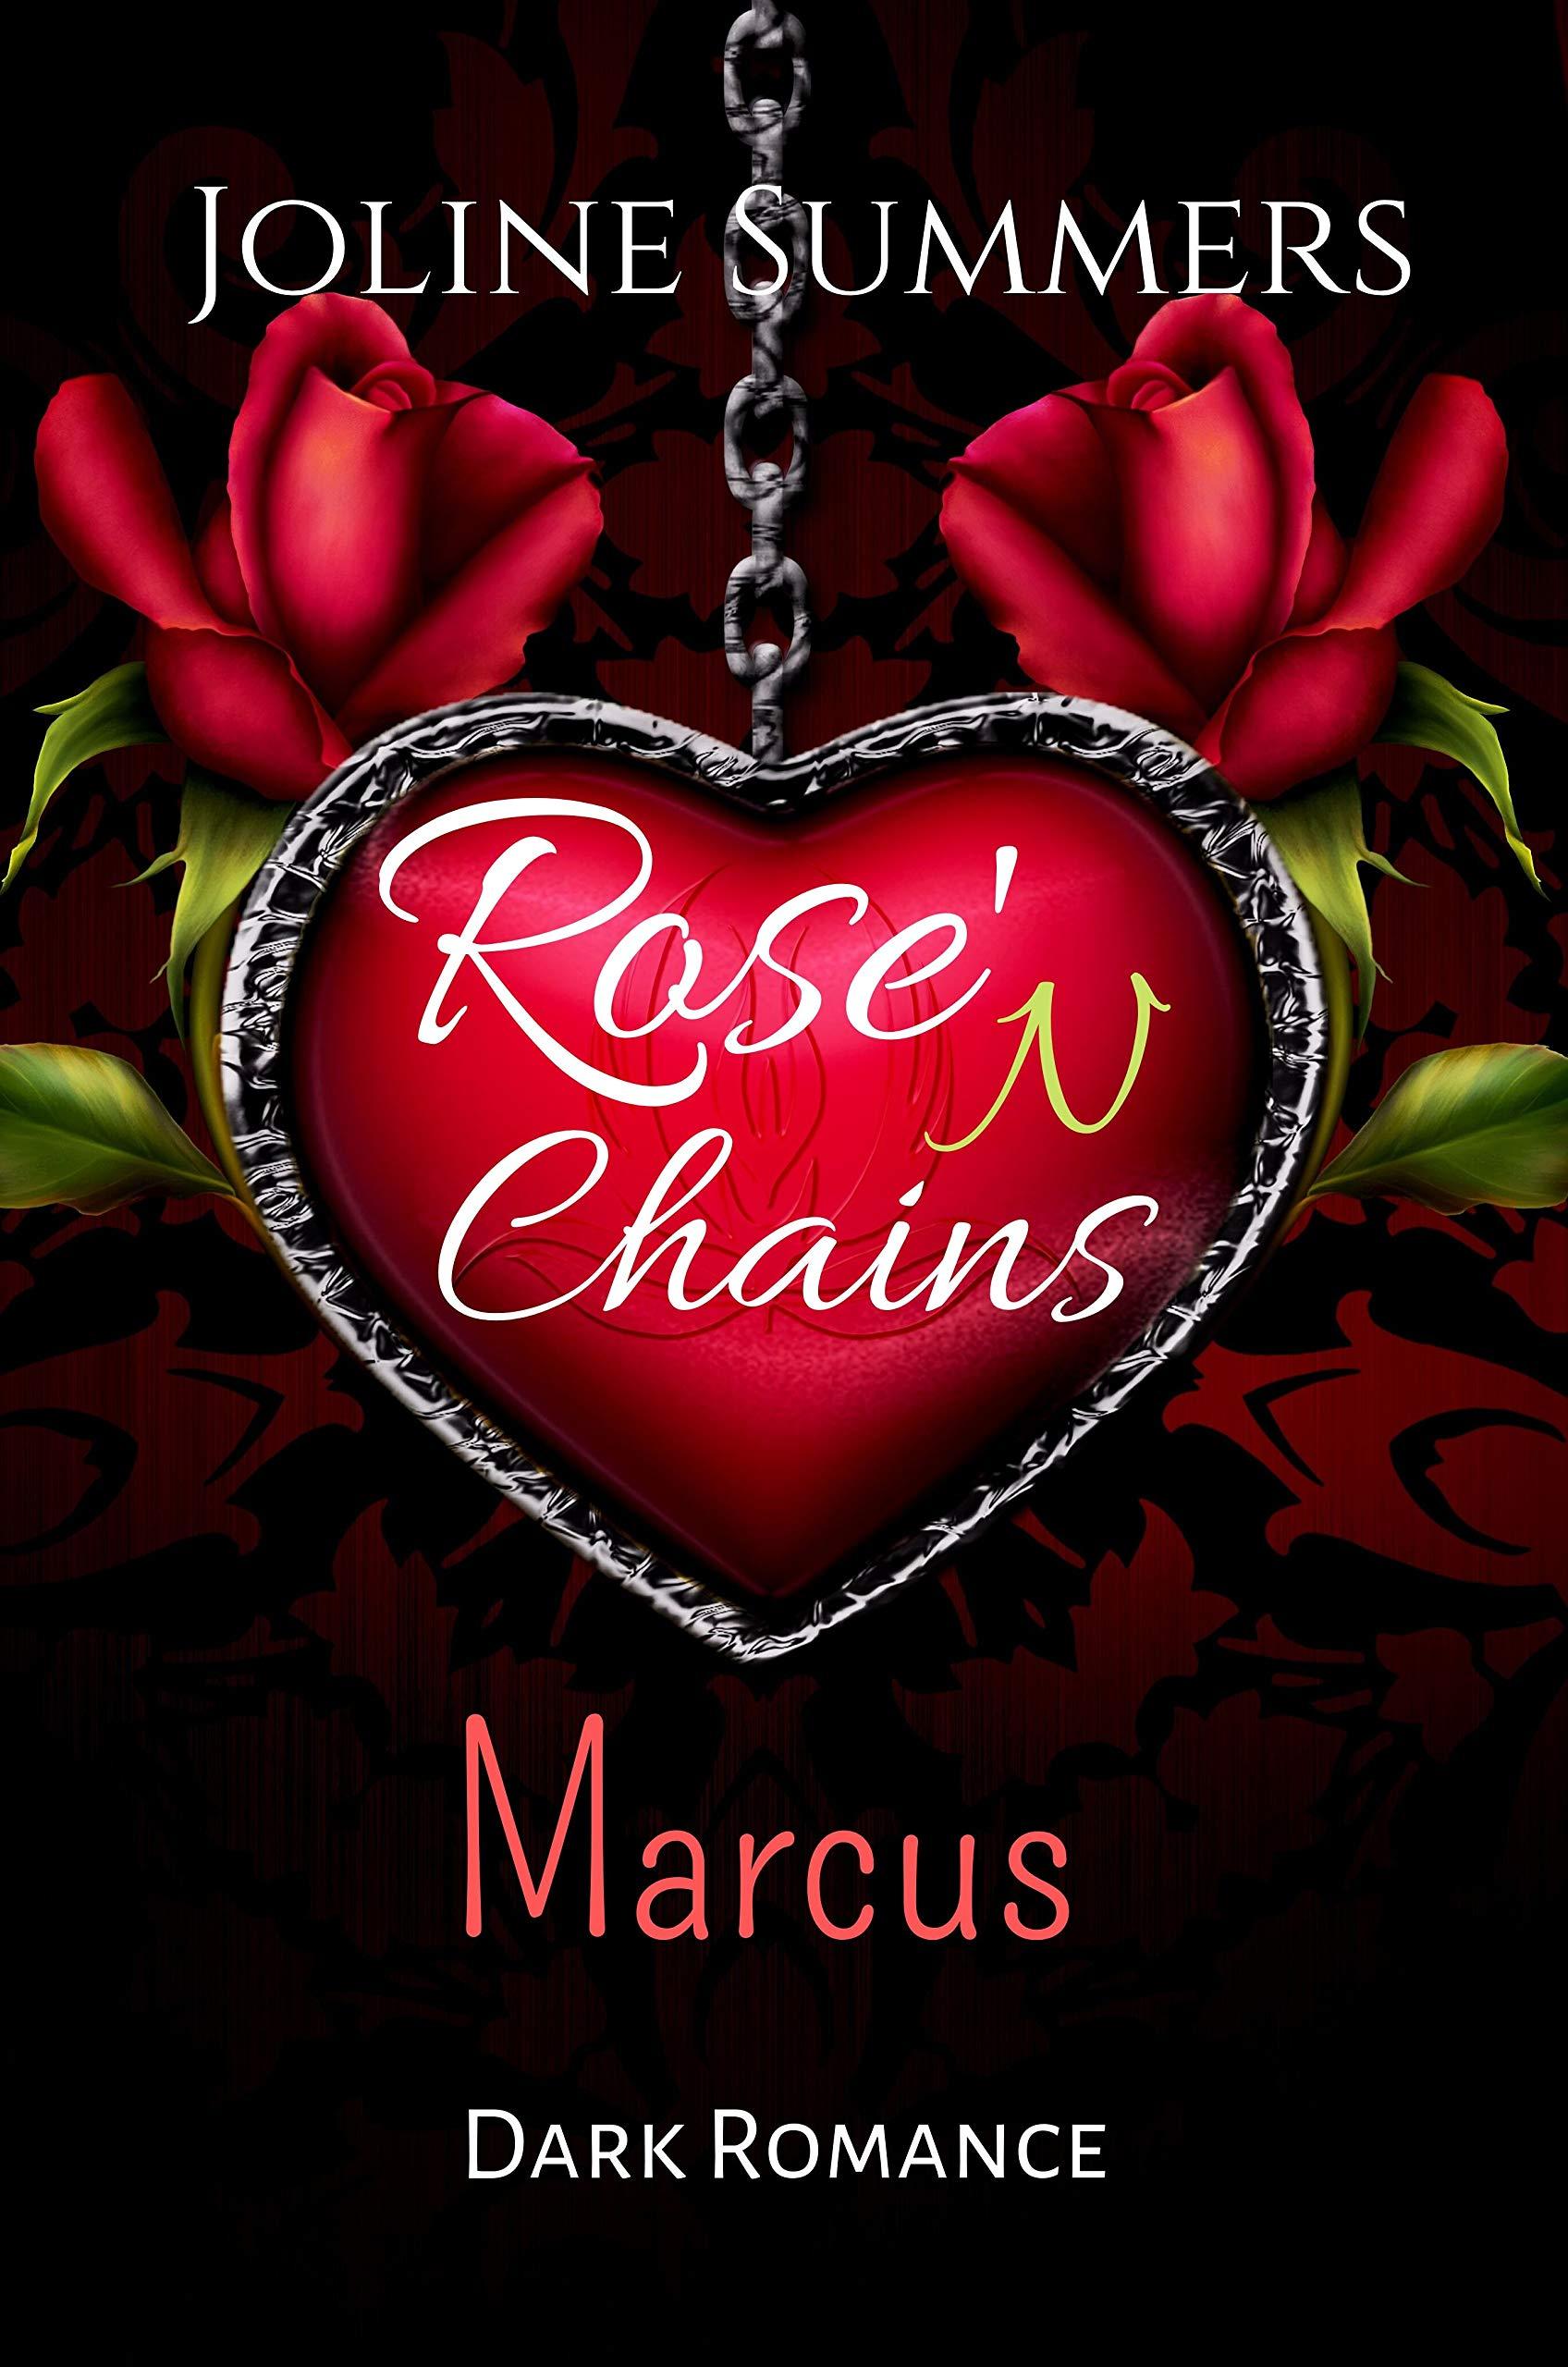 Rose'N Chains   Marcus  Dark Romance  Rose'N Chains Reihe 1